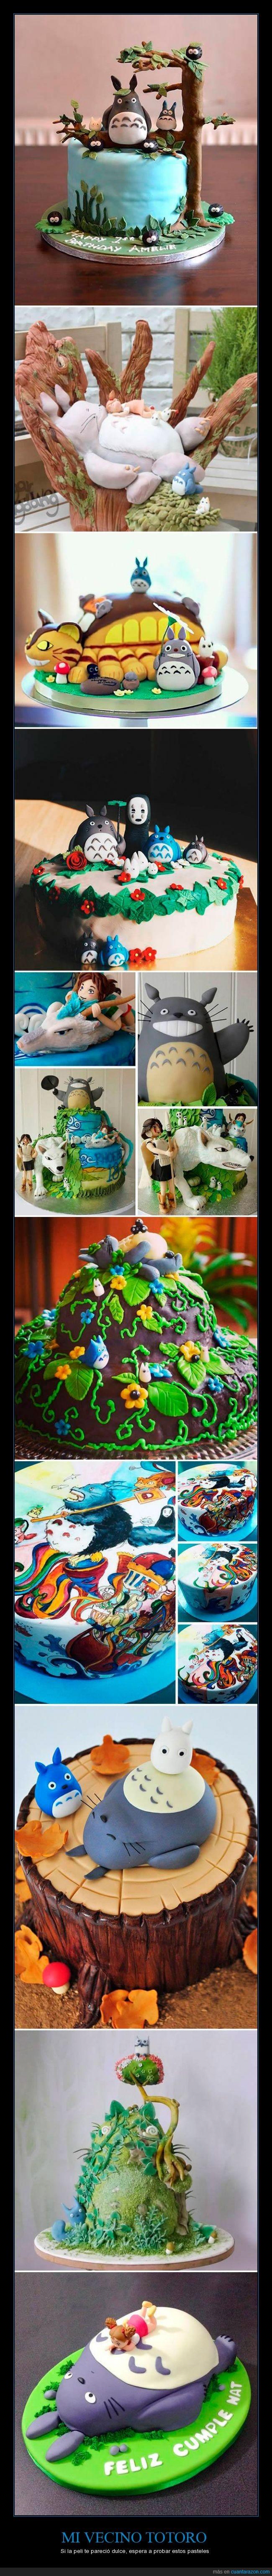 bosque,cumpleaños,mi vecino totoro,pastel,tarta,totoro